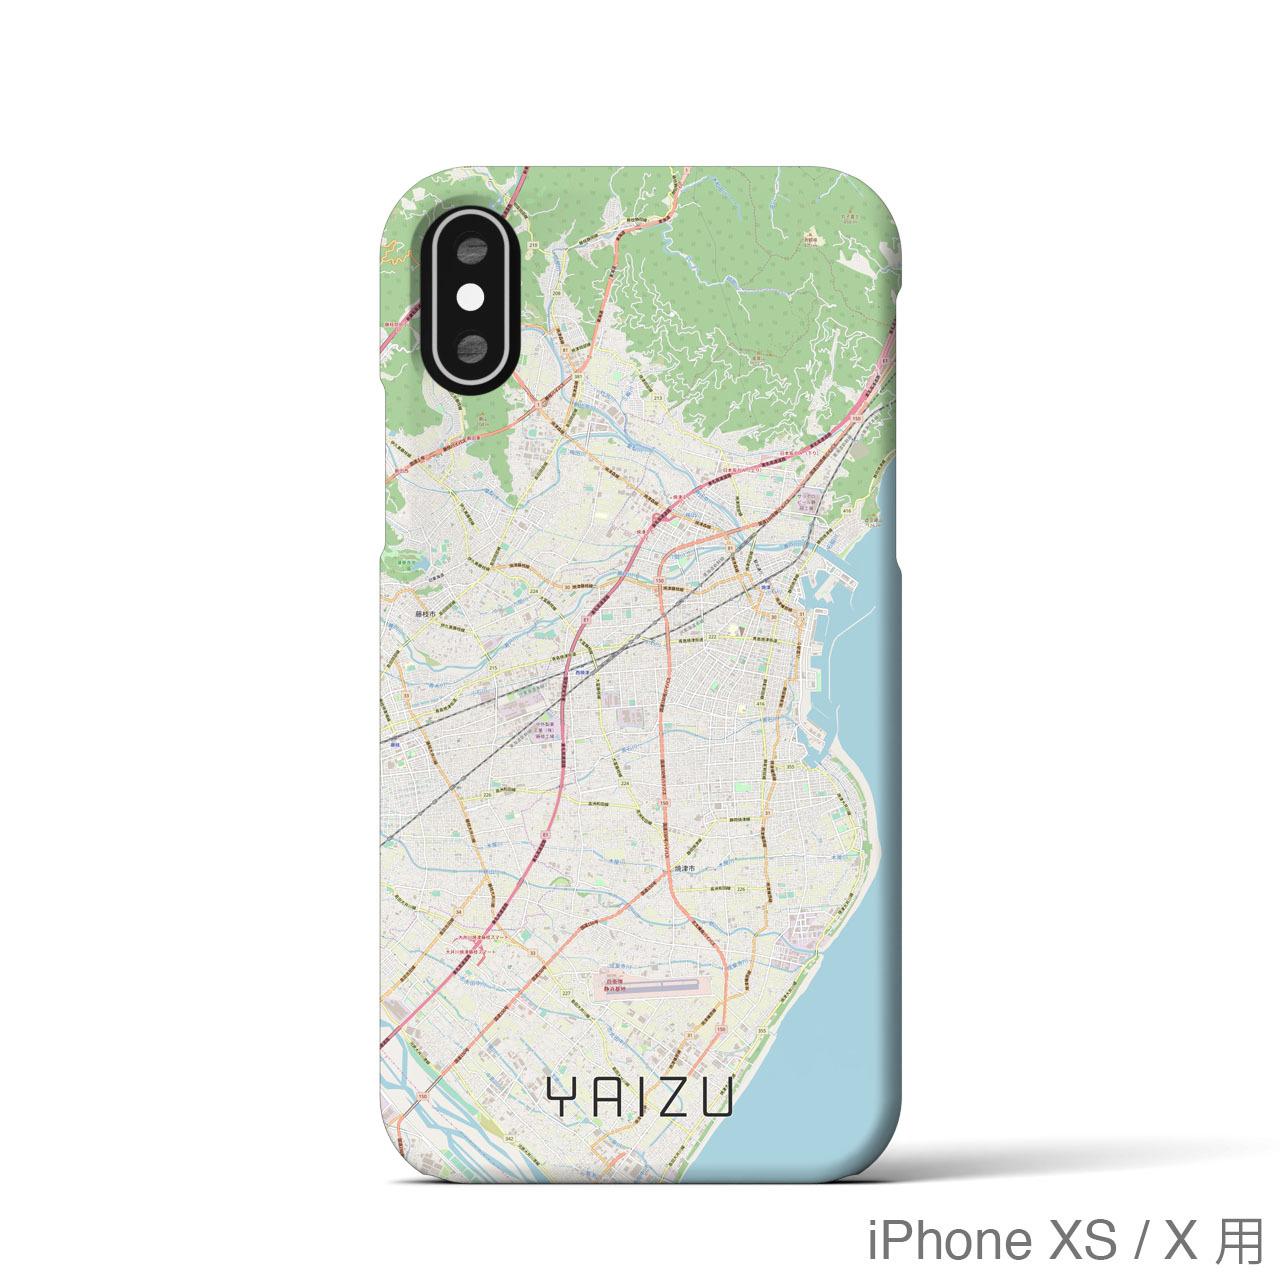 【焼津】地図柄iPhoneケース(バックカバータイプ・ナチュラル)